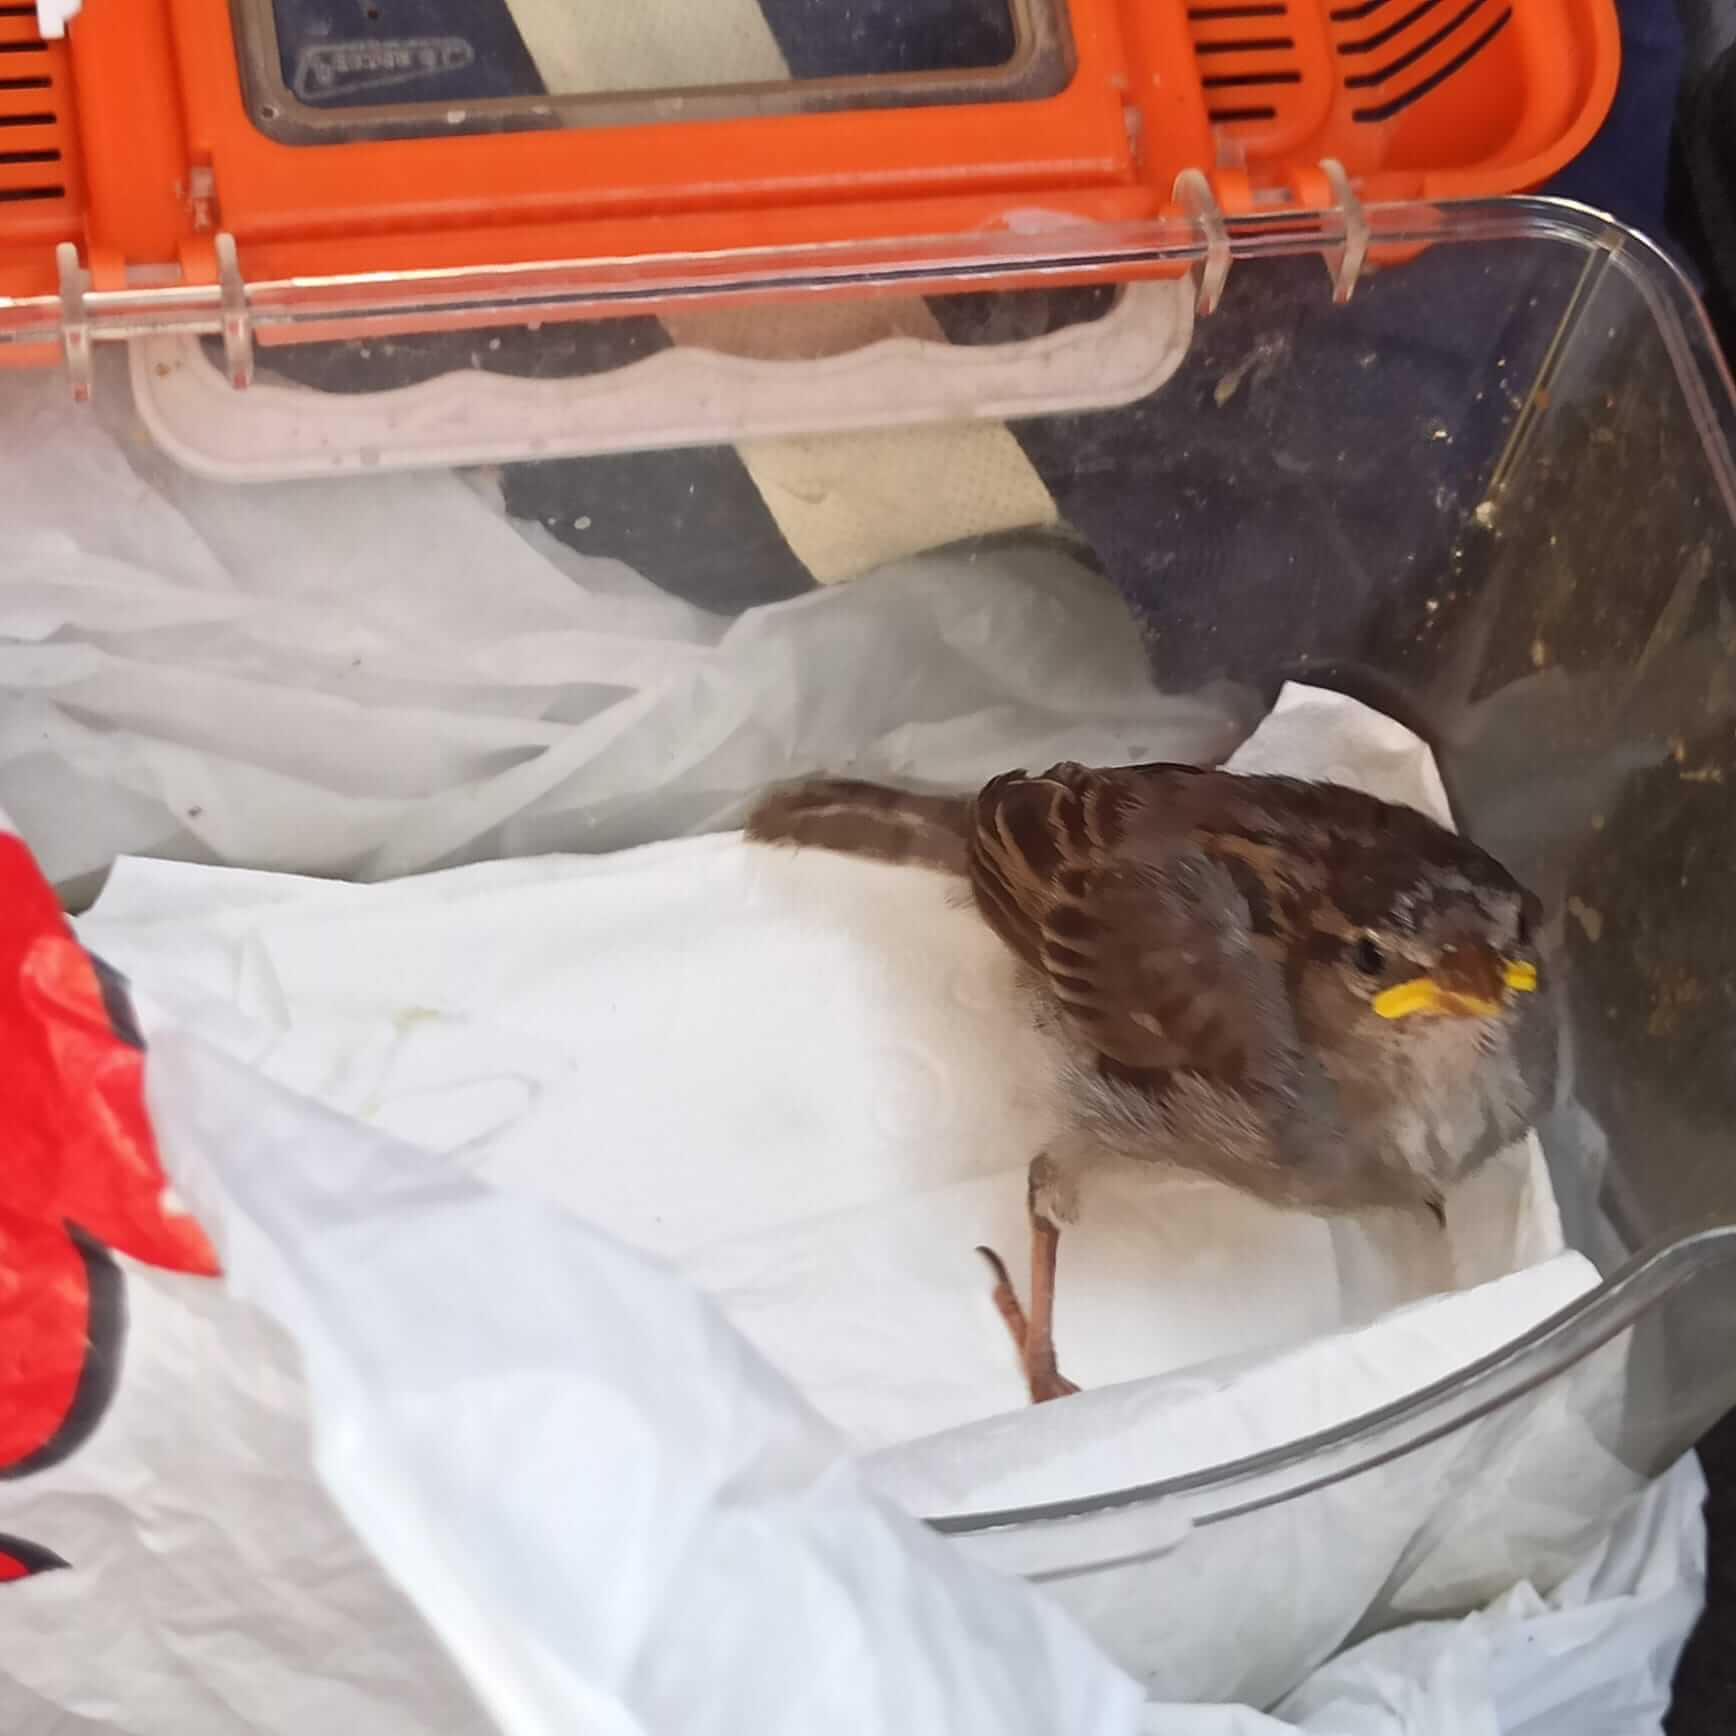 cómo cuidar un pájaro encontrado en el suelo.